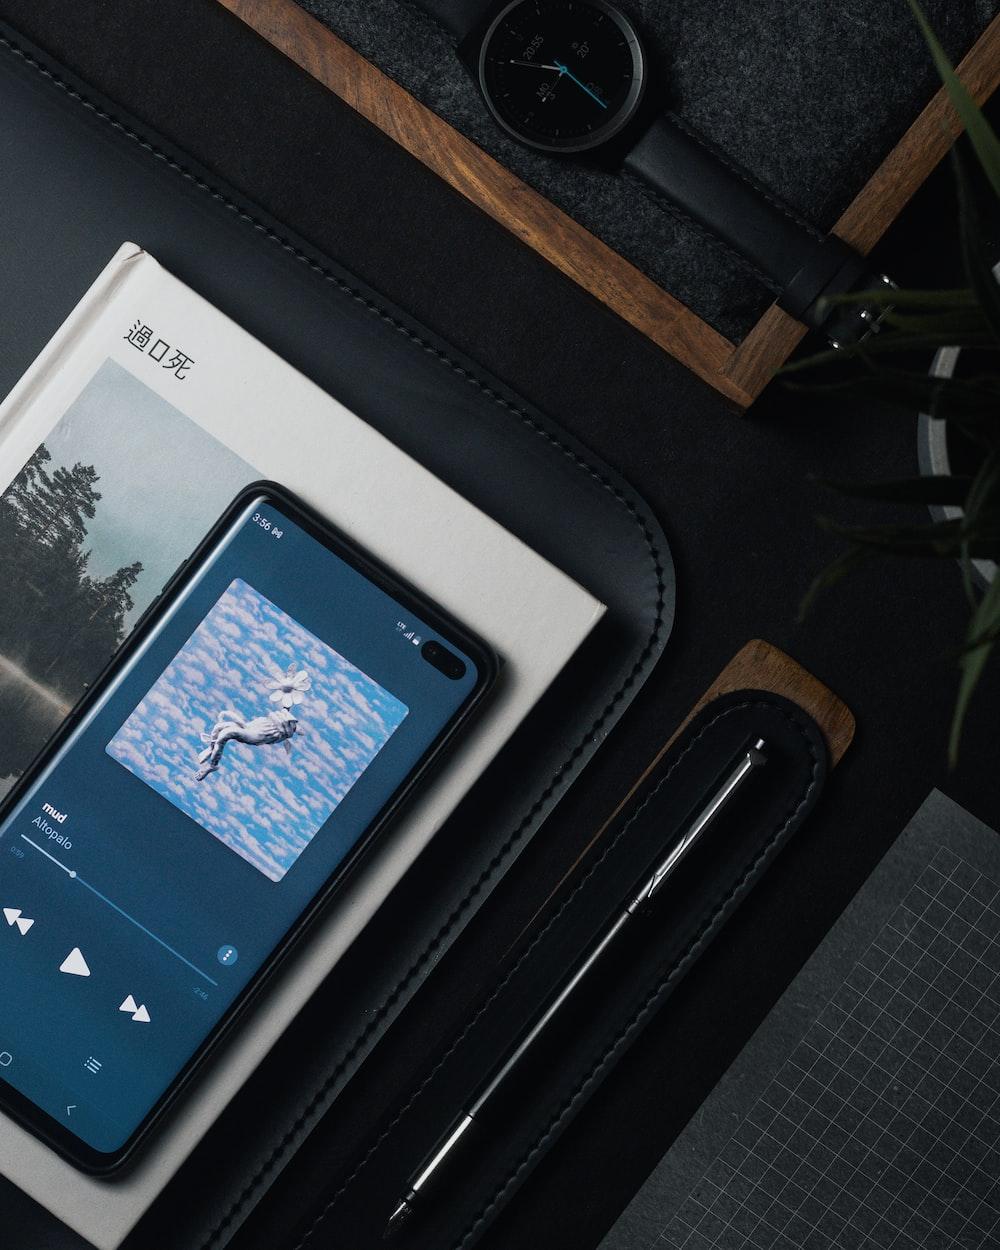 white ipad on black leather case